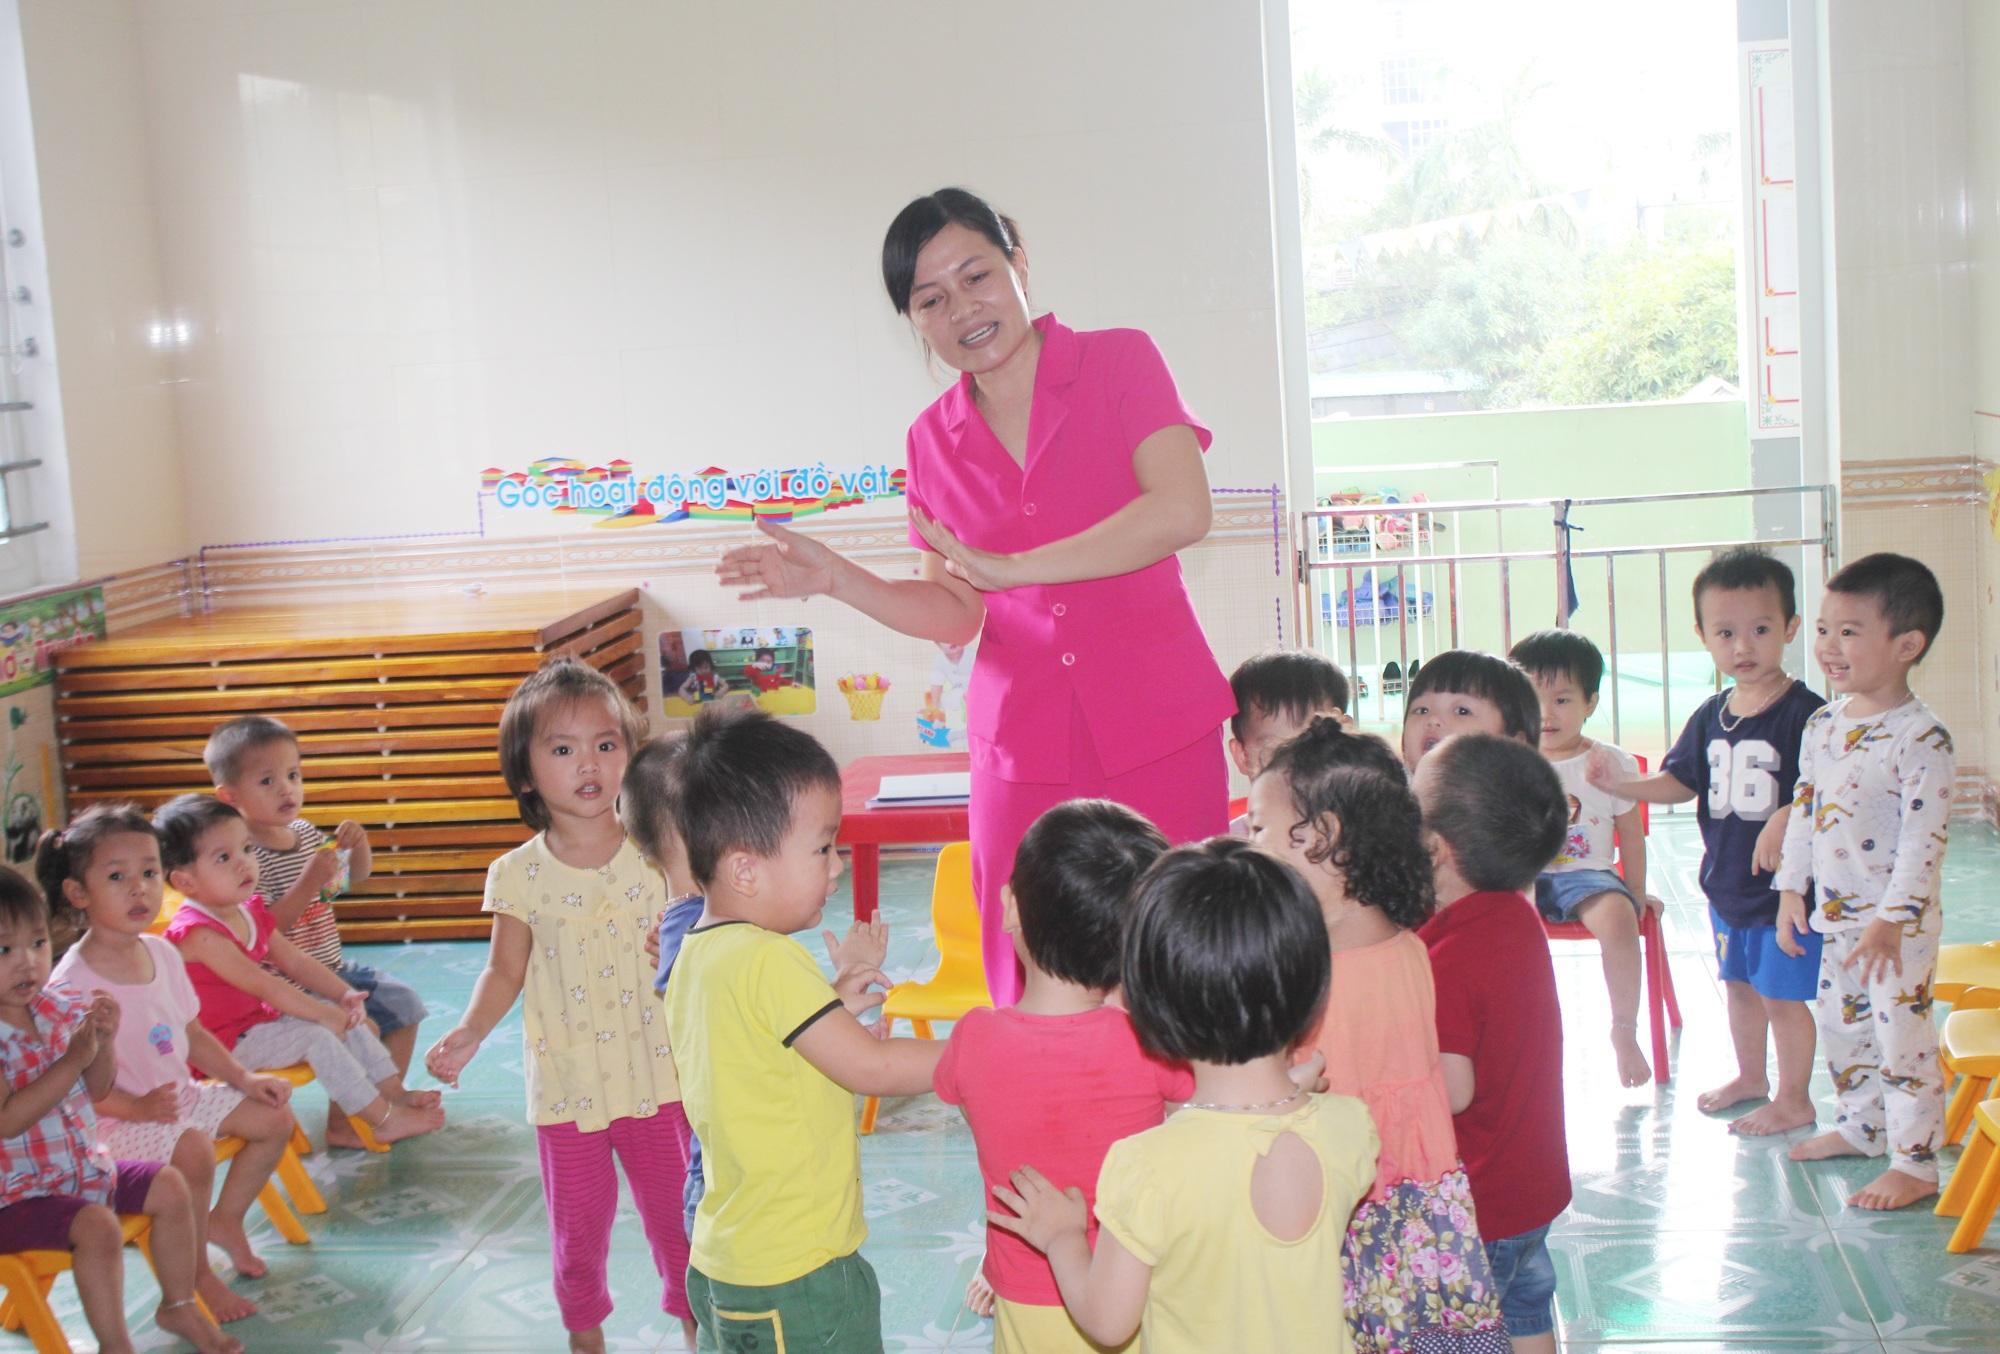 Chỉ có lòng yêu nghề mến trẻ mới giúp các cô giáo có thể vượt qua áp lực công việc để gắn bó với nghề.